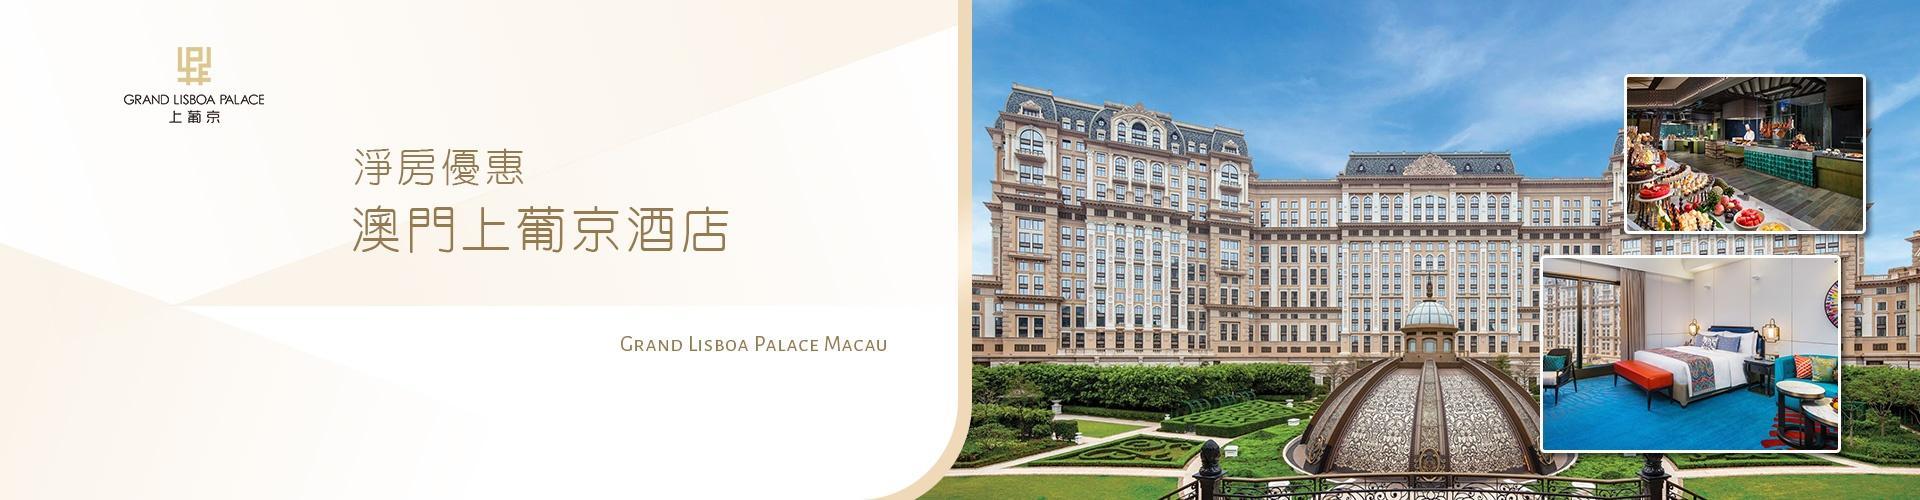 澳門上葡京酒店 Grand Lisboa Palace Macau